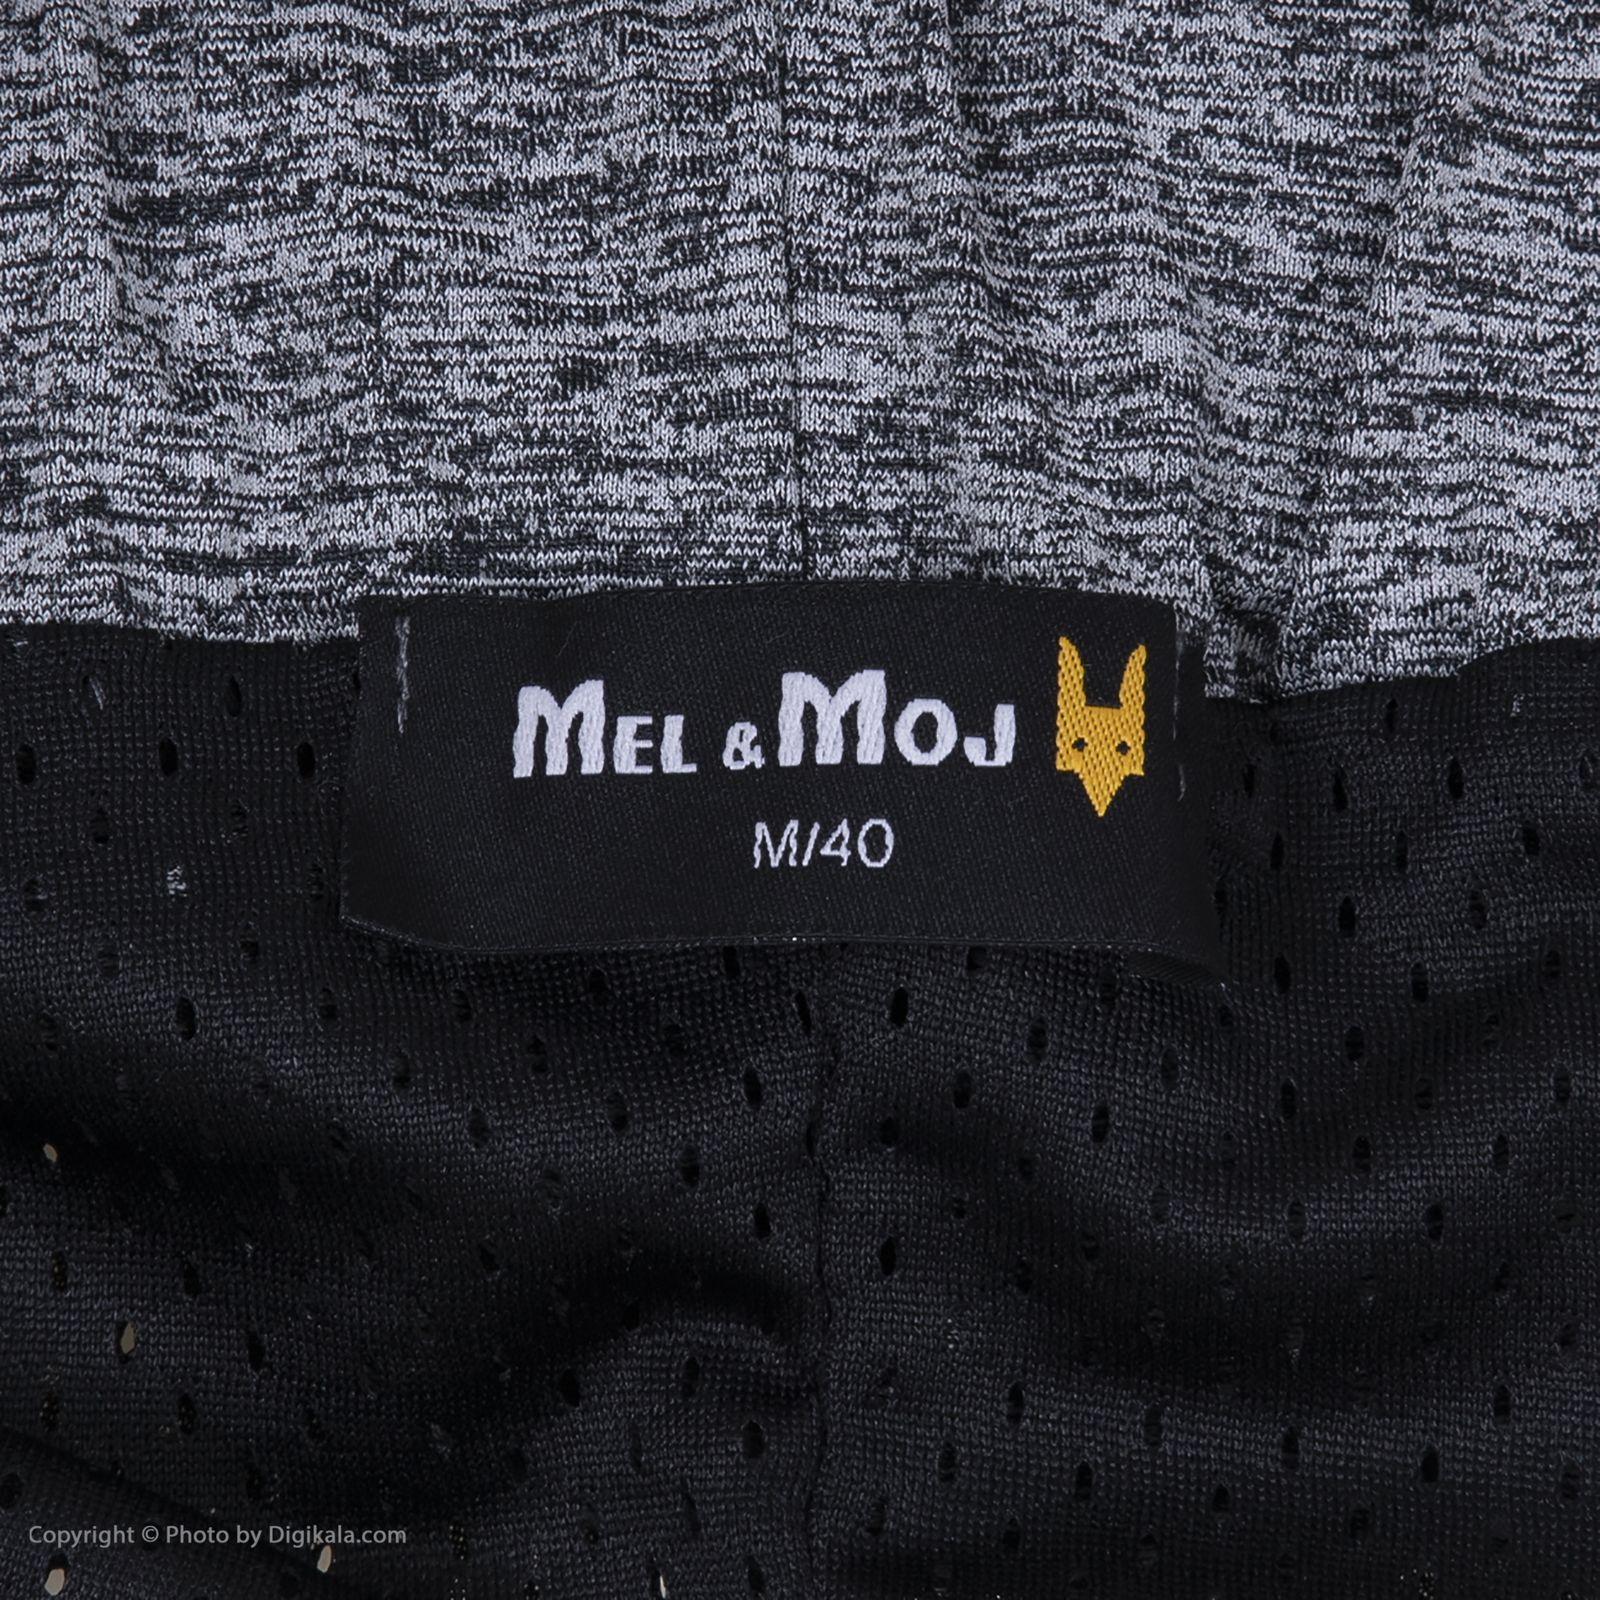 شورت ورزشی مردانه مل اند موژ مدل m06316-905 -  - 6